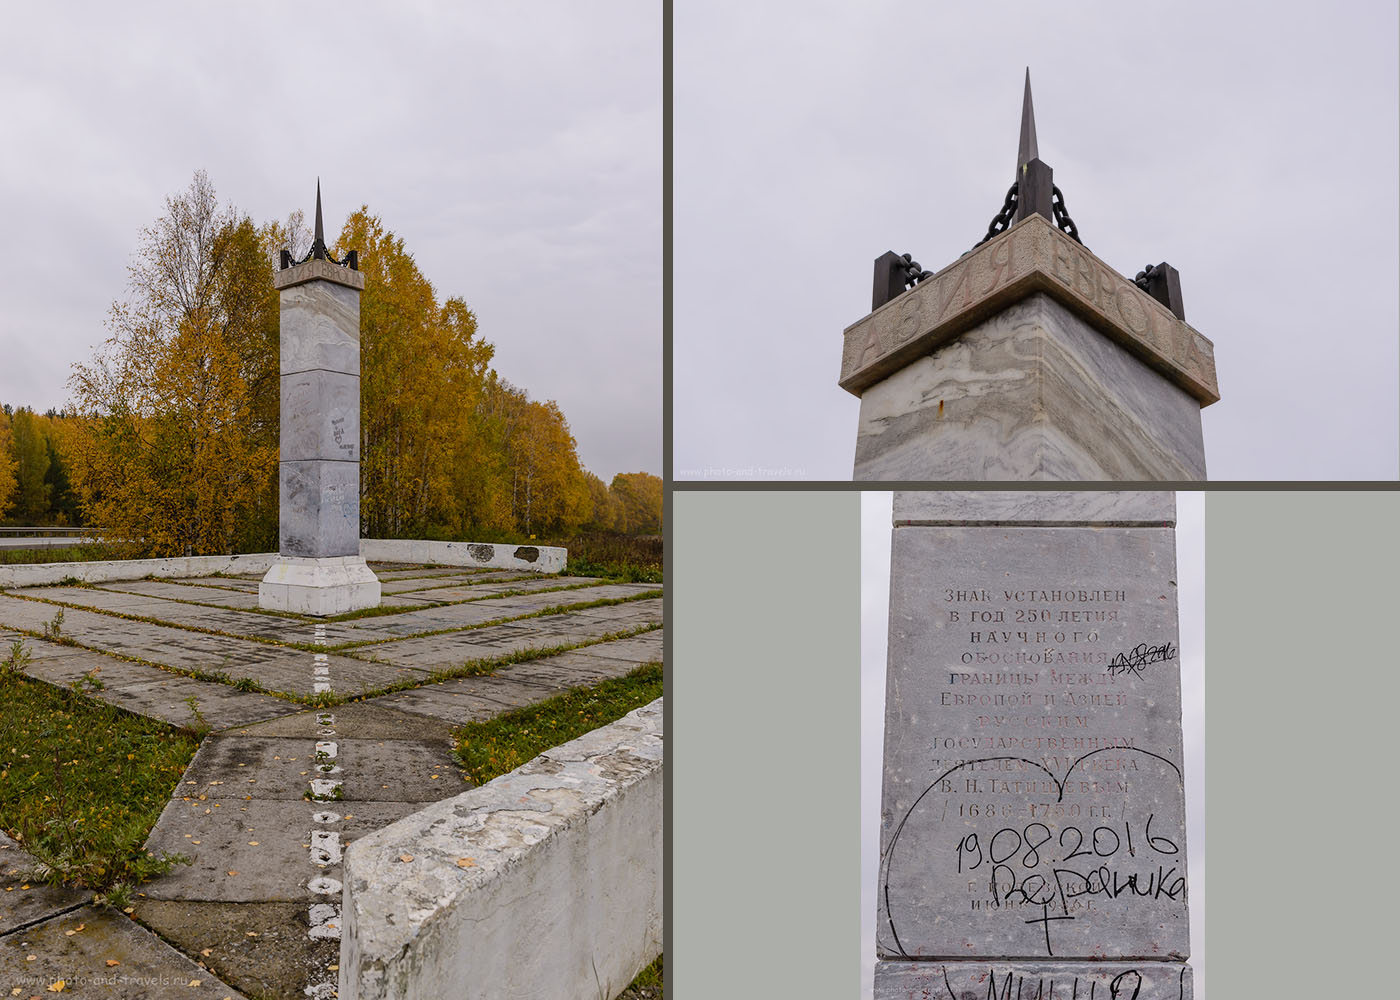 Фото 1. Монумент «Европа-Азия» на Полевском тракте. Поездка в мраморный карьер в селе Мраморское. GPS координаты: 56.642843, 60.401690.